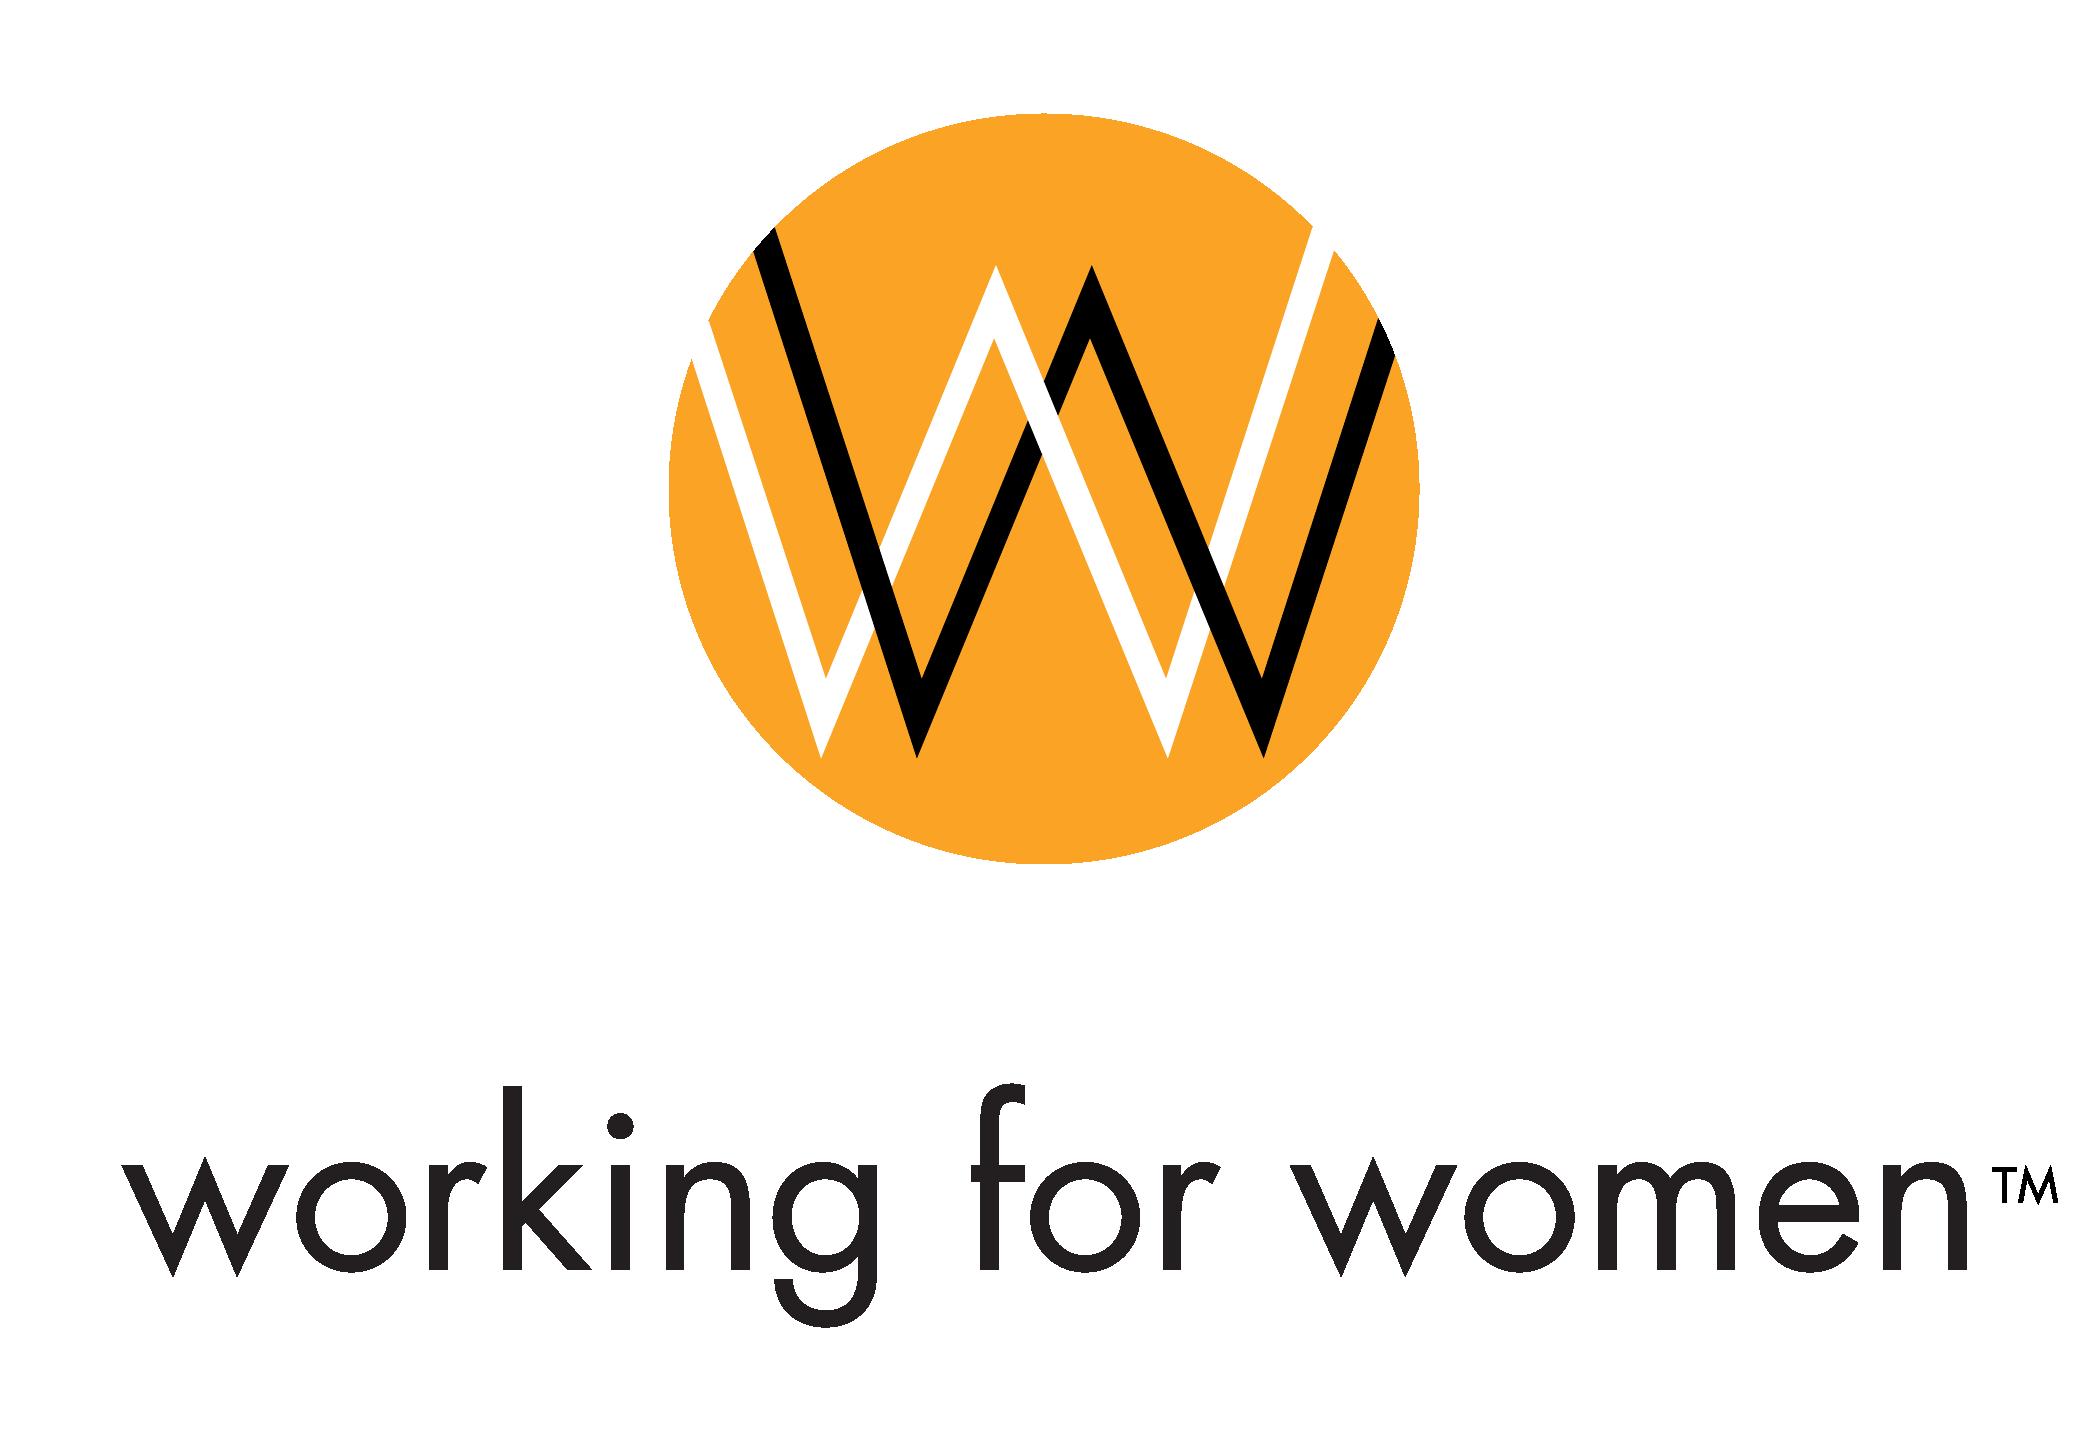 WorkingforWomen logo